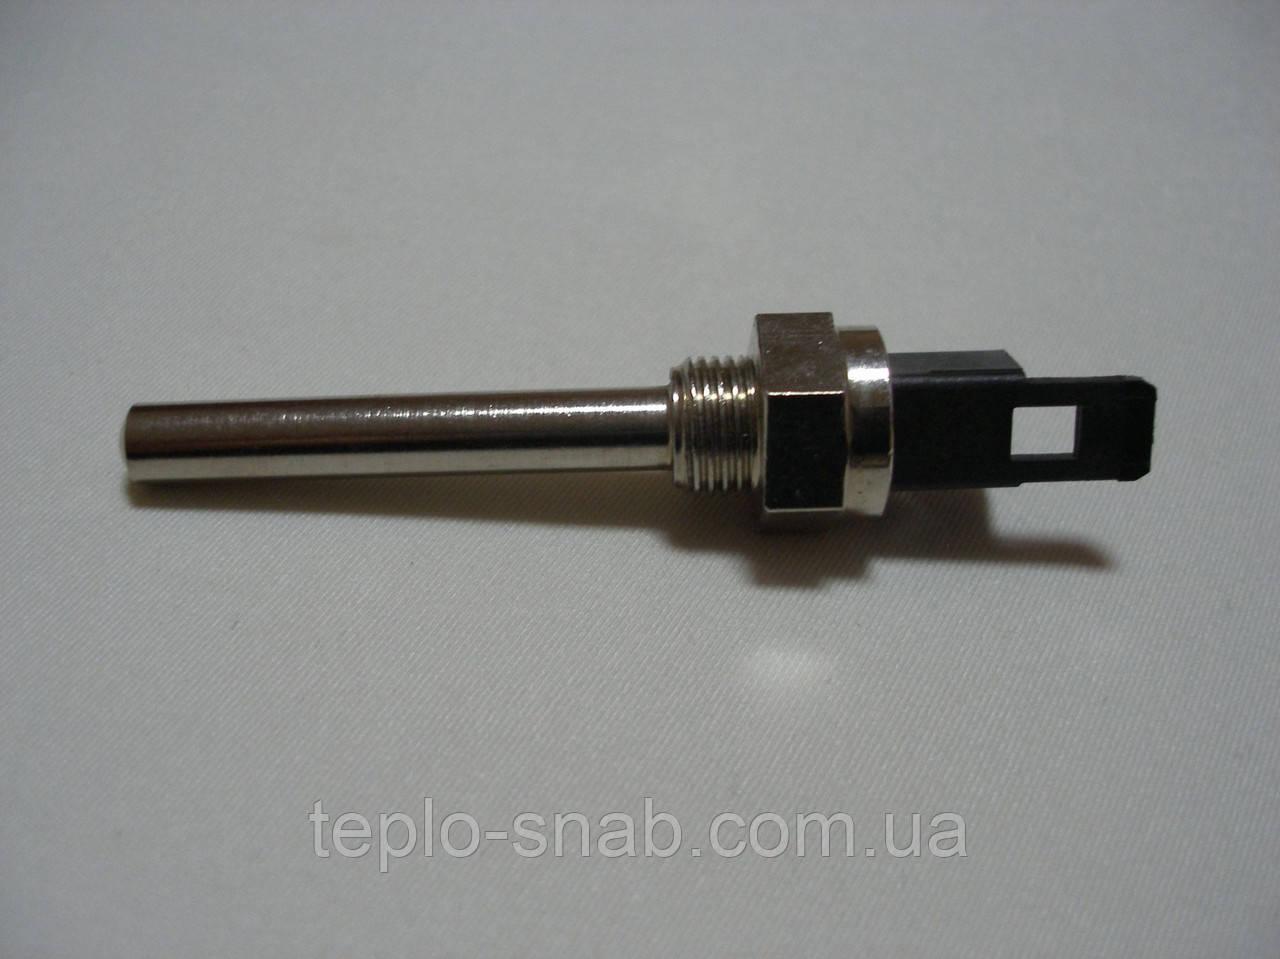 Датчик NTC бойлера для газового навесного котла Hermann Eura. 045003129 ( 45003129 )